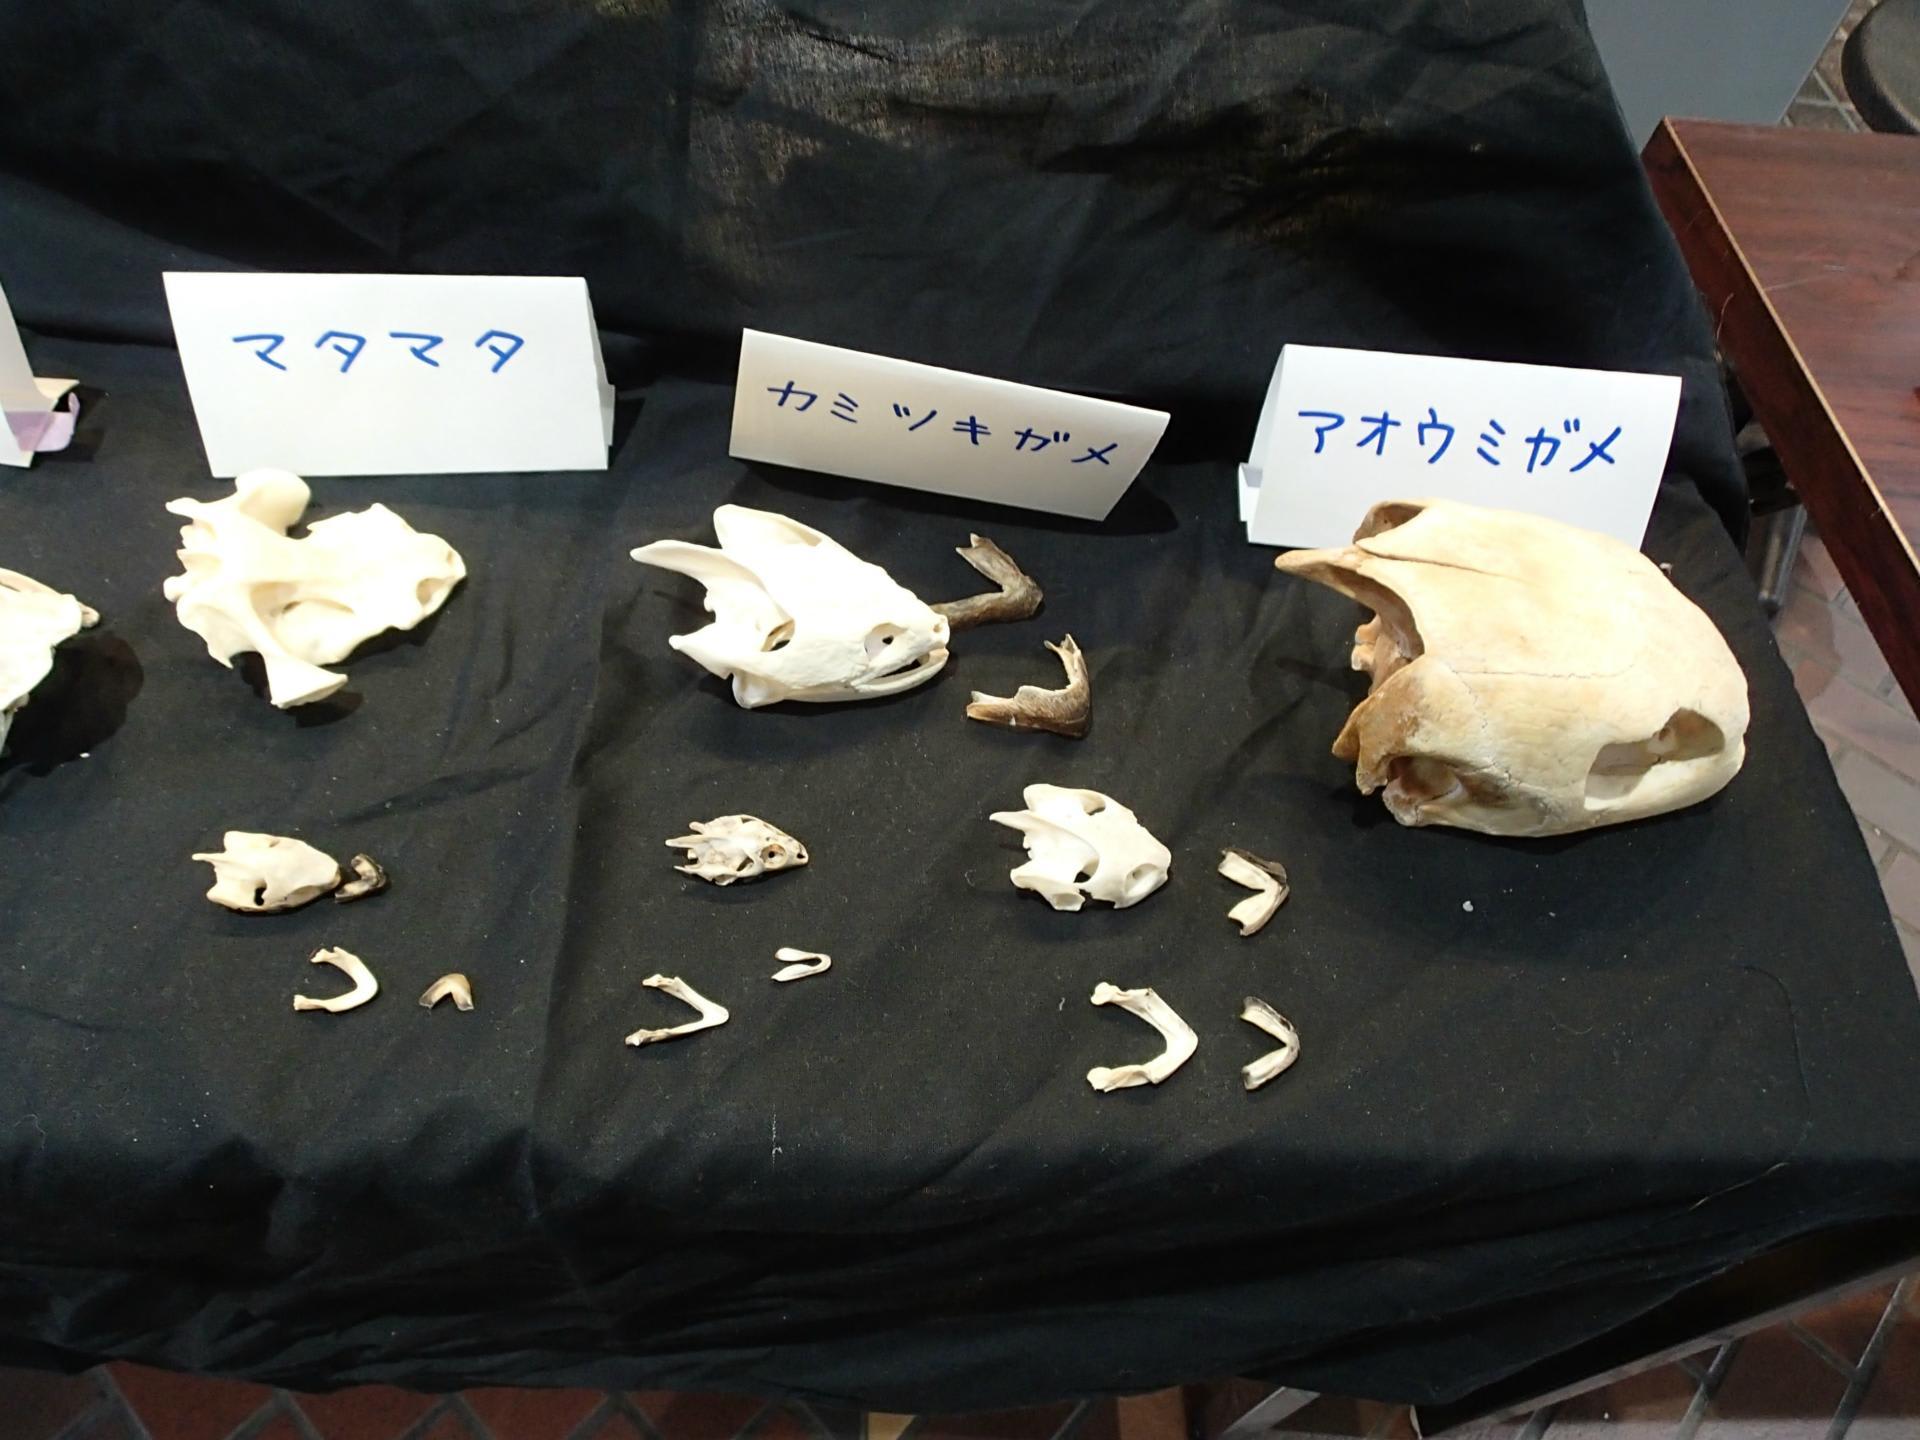 カメに特化した方の出展品。 サルの頭が一杯。 鳥専門の方の出展品 模型... 話しは前後しますが